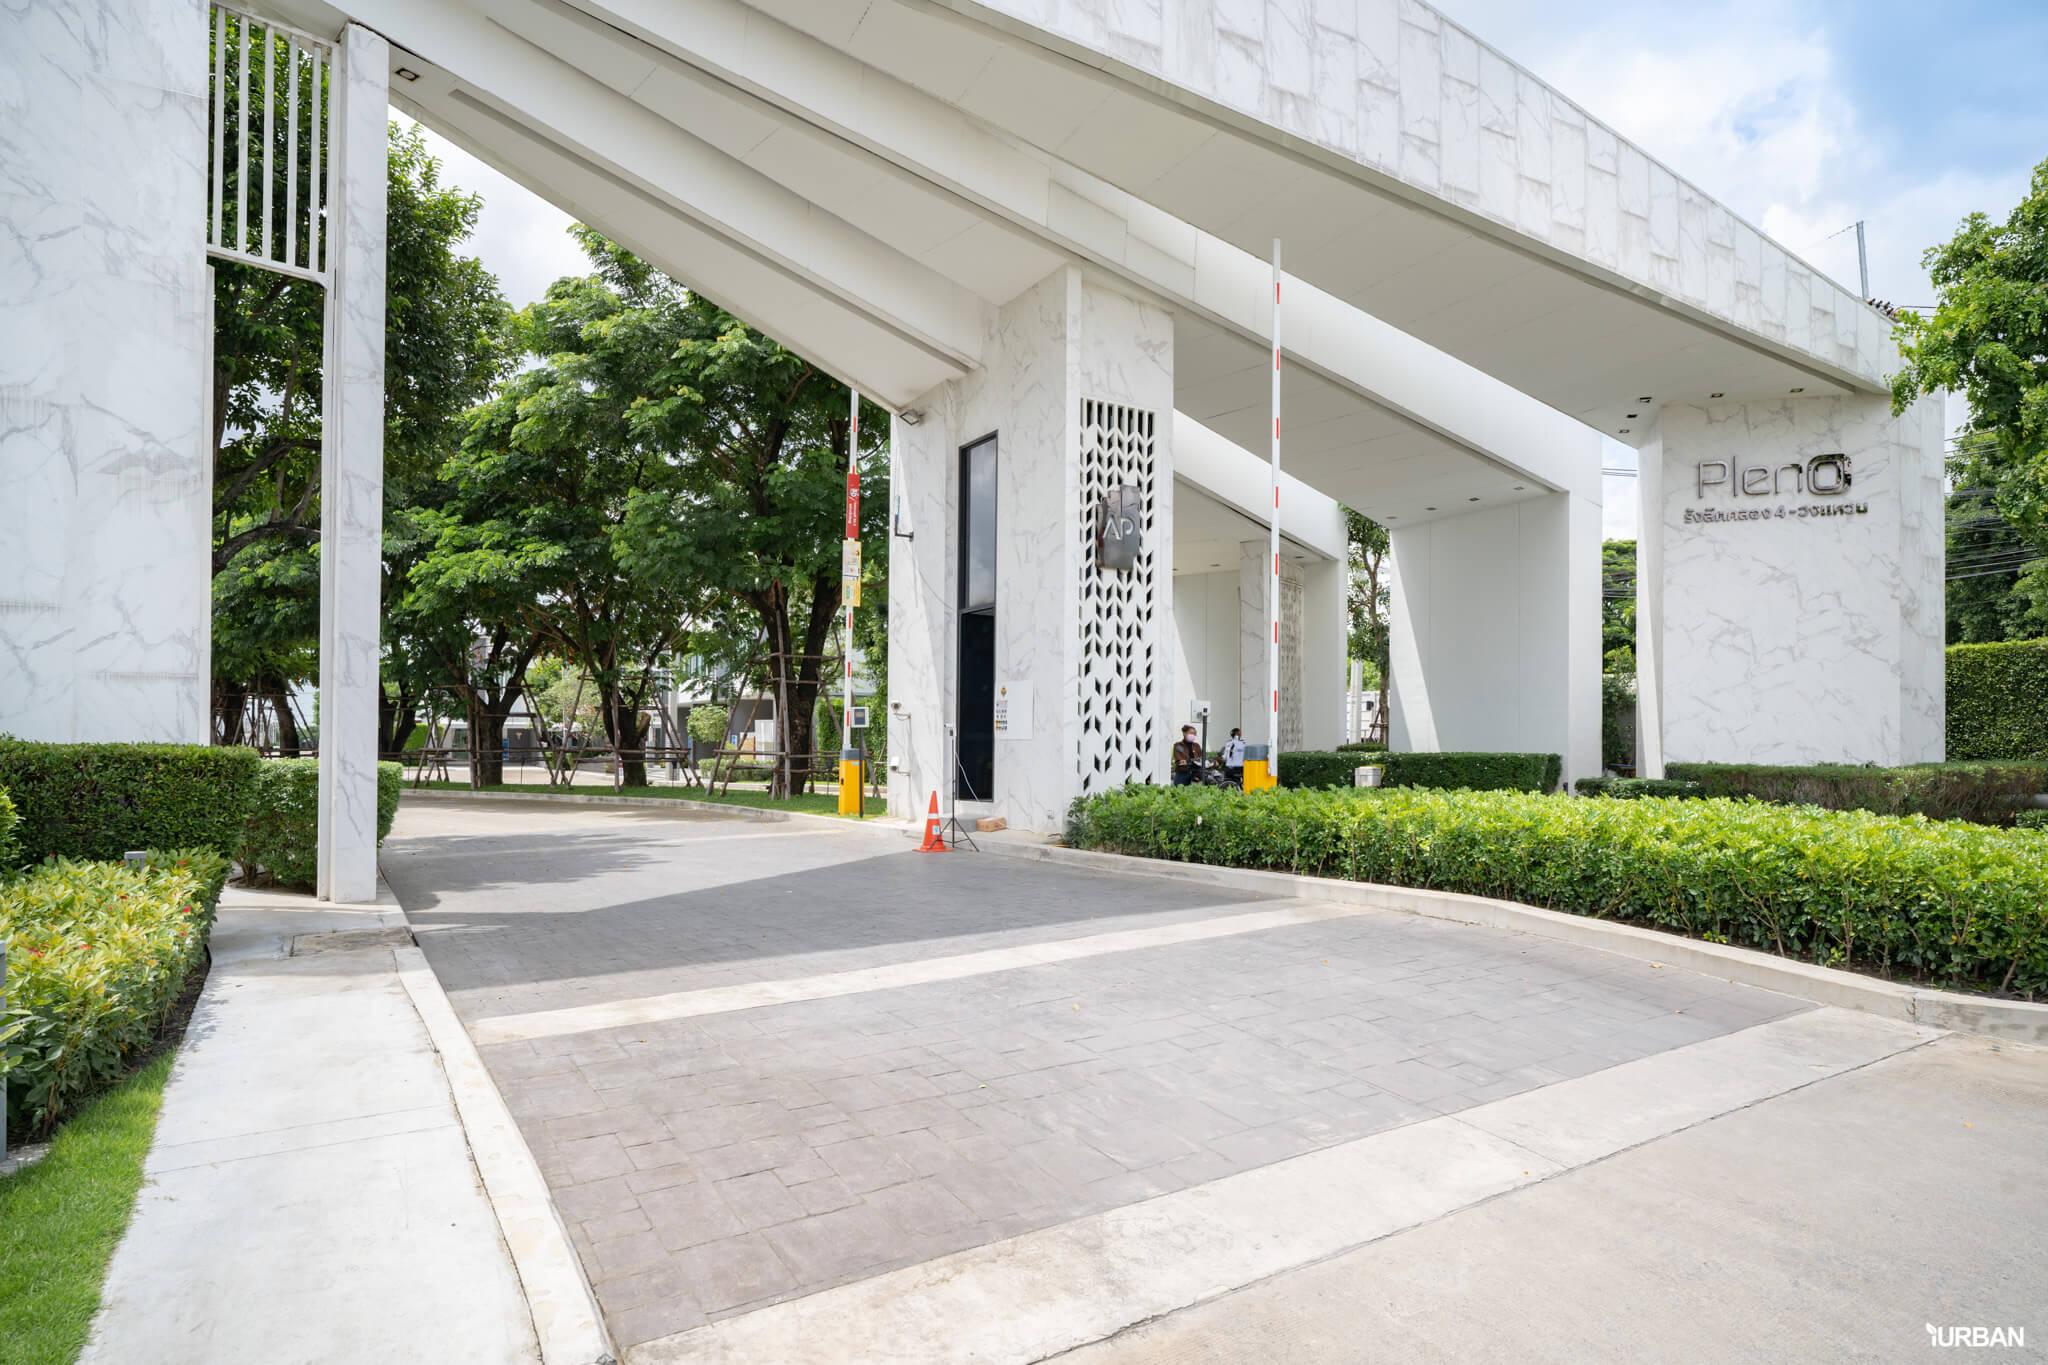 รีวิว PLENO รังสิตคลอง 4 - วงแหวน ทาวน์โฮมดี ส่วนกลางเยี่ยม ทำเลเลิศ แต่เริ่มแค่ 1.69 ล้าน 20 - AP (Thailand) - เอพี (ไทยแลนด์)